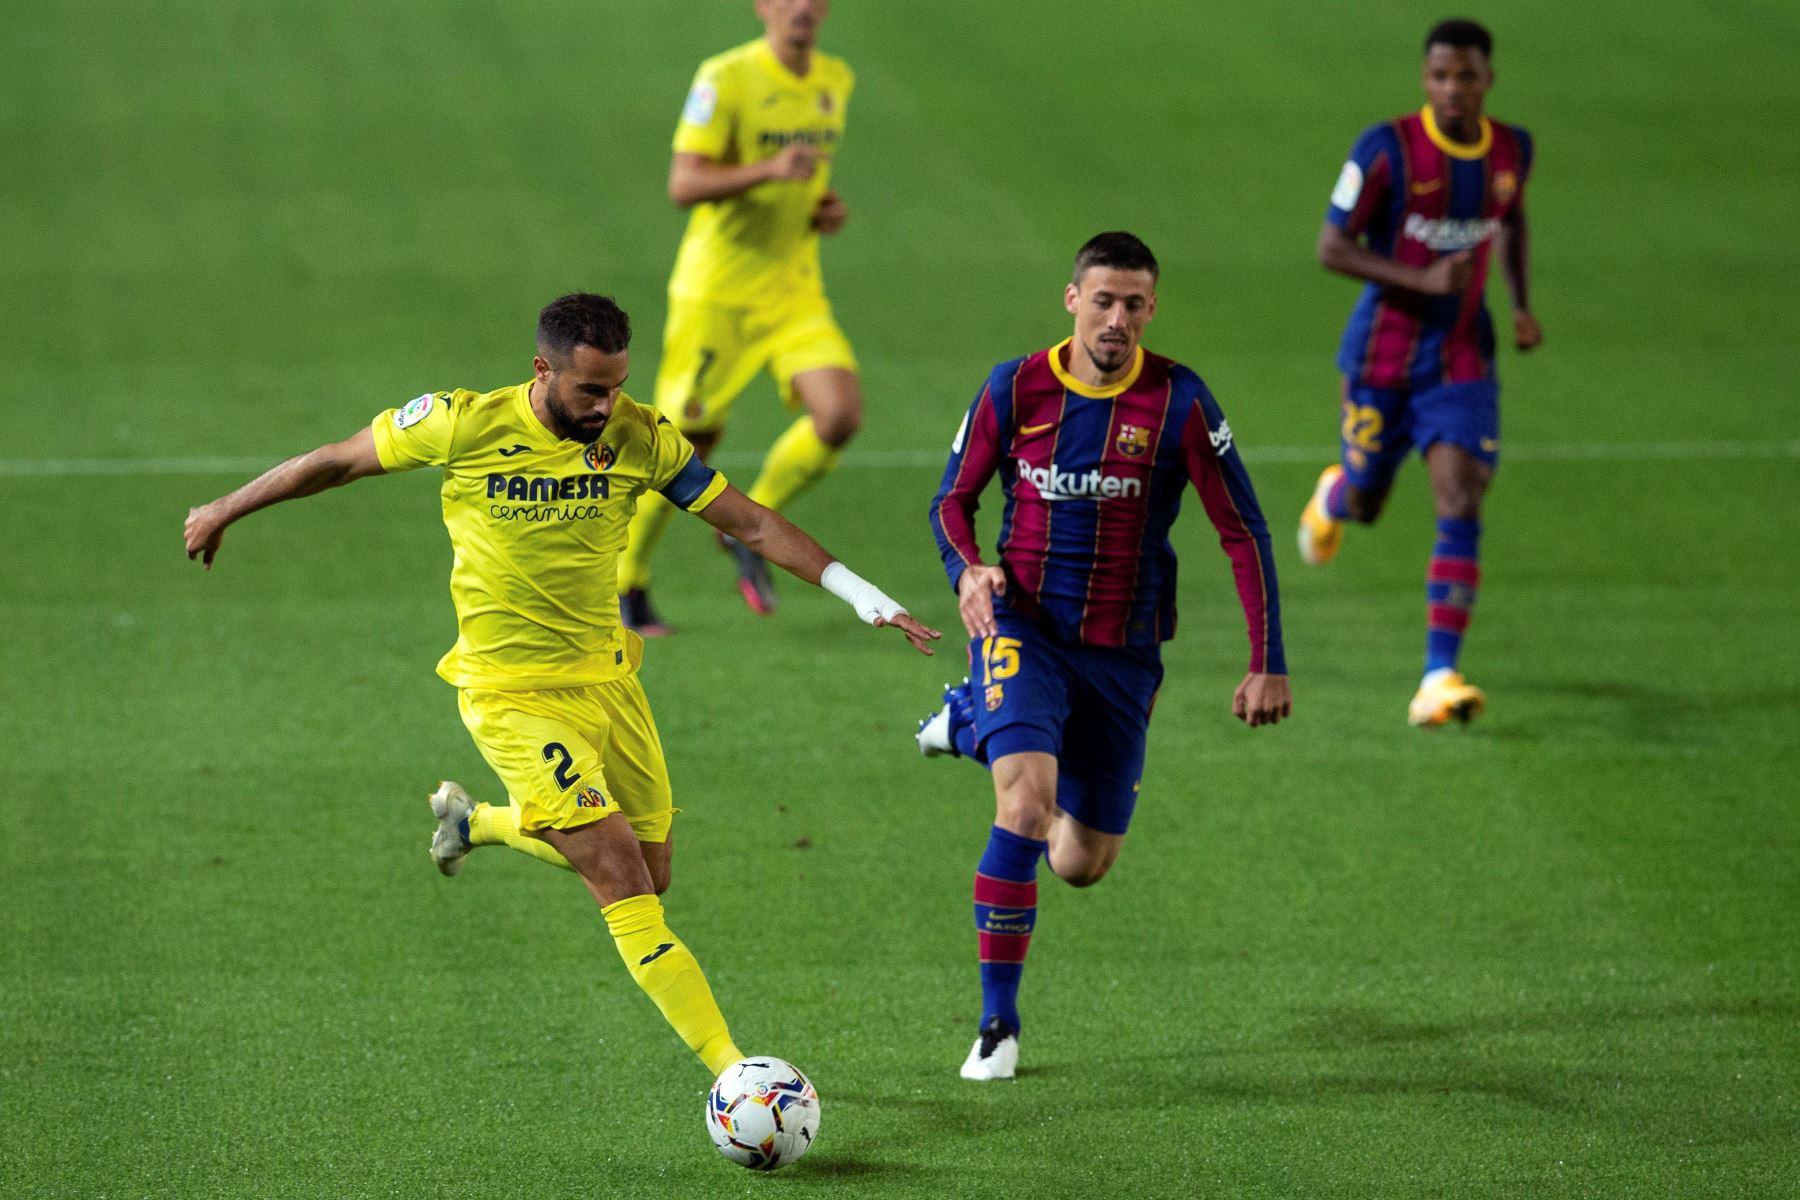 El defensa del Villarreal Mario Gaspa y el defensa francés del FC Barelona, Clement Lenglet, disputan el balón durante el partido correspondiente a la tercera jornada de Liga, en el estadio Camp Nou de Barcelona. Foto: EFE